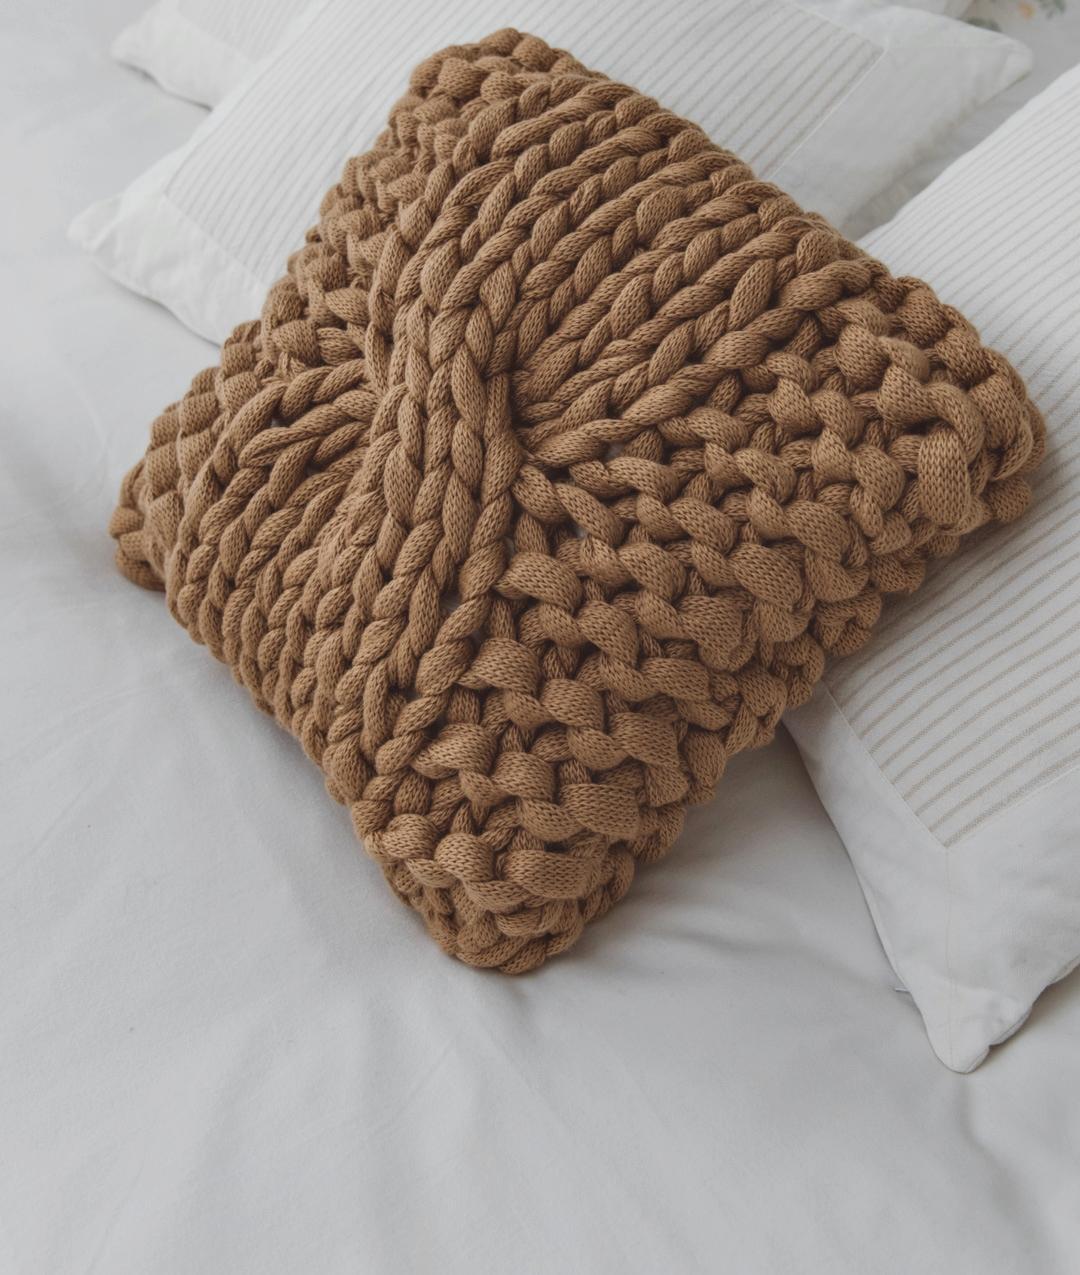 94a04225b9c XXL Pillow  Arm e Giant Knitting kit for Blanket online + Pattern ...